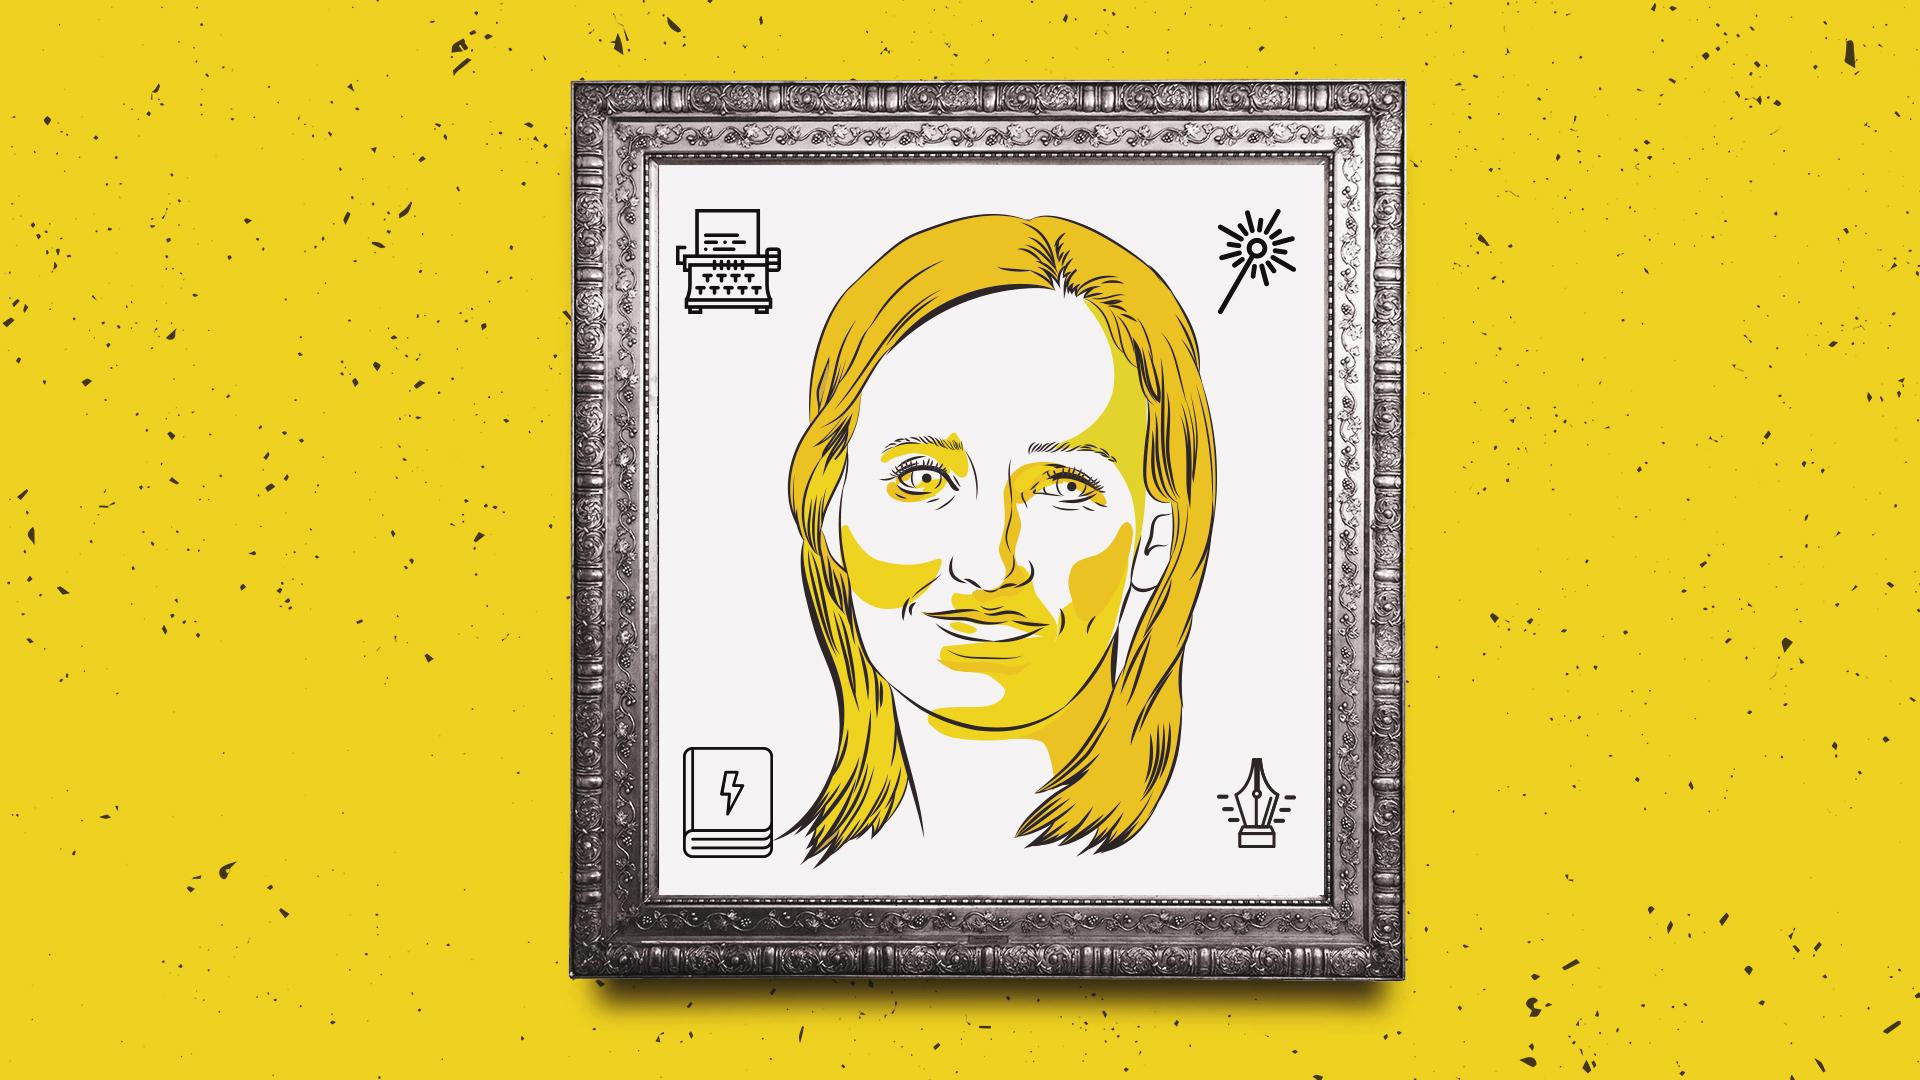 Ilustração do rosto da escritora J.K. Rowling